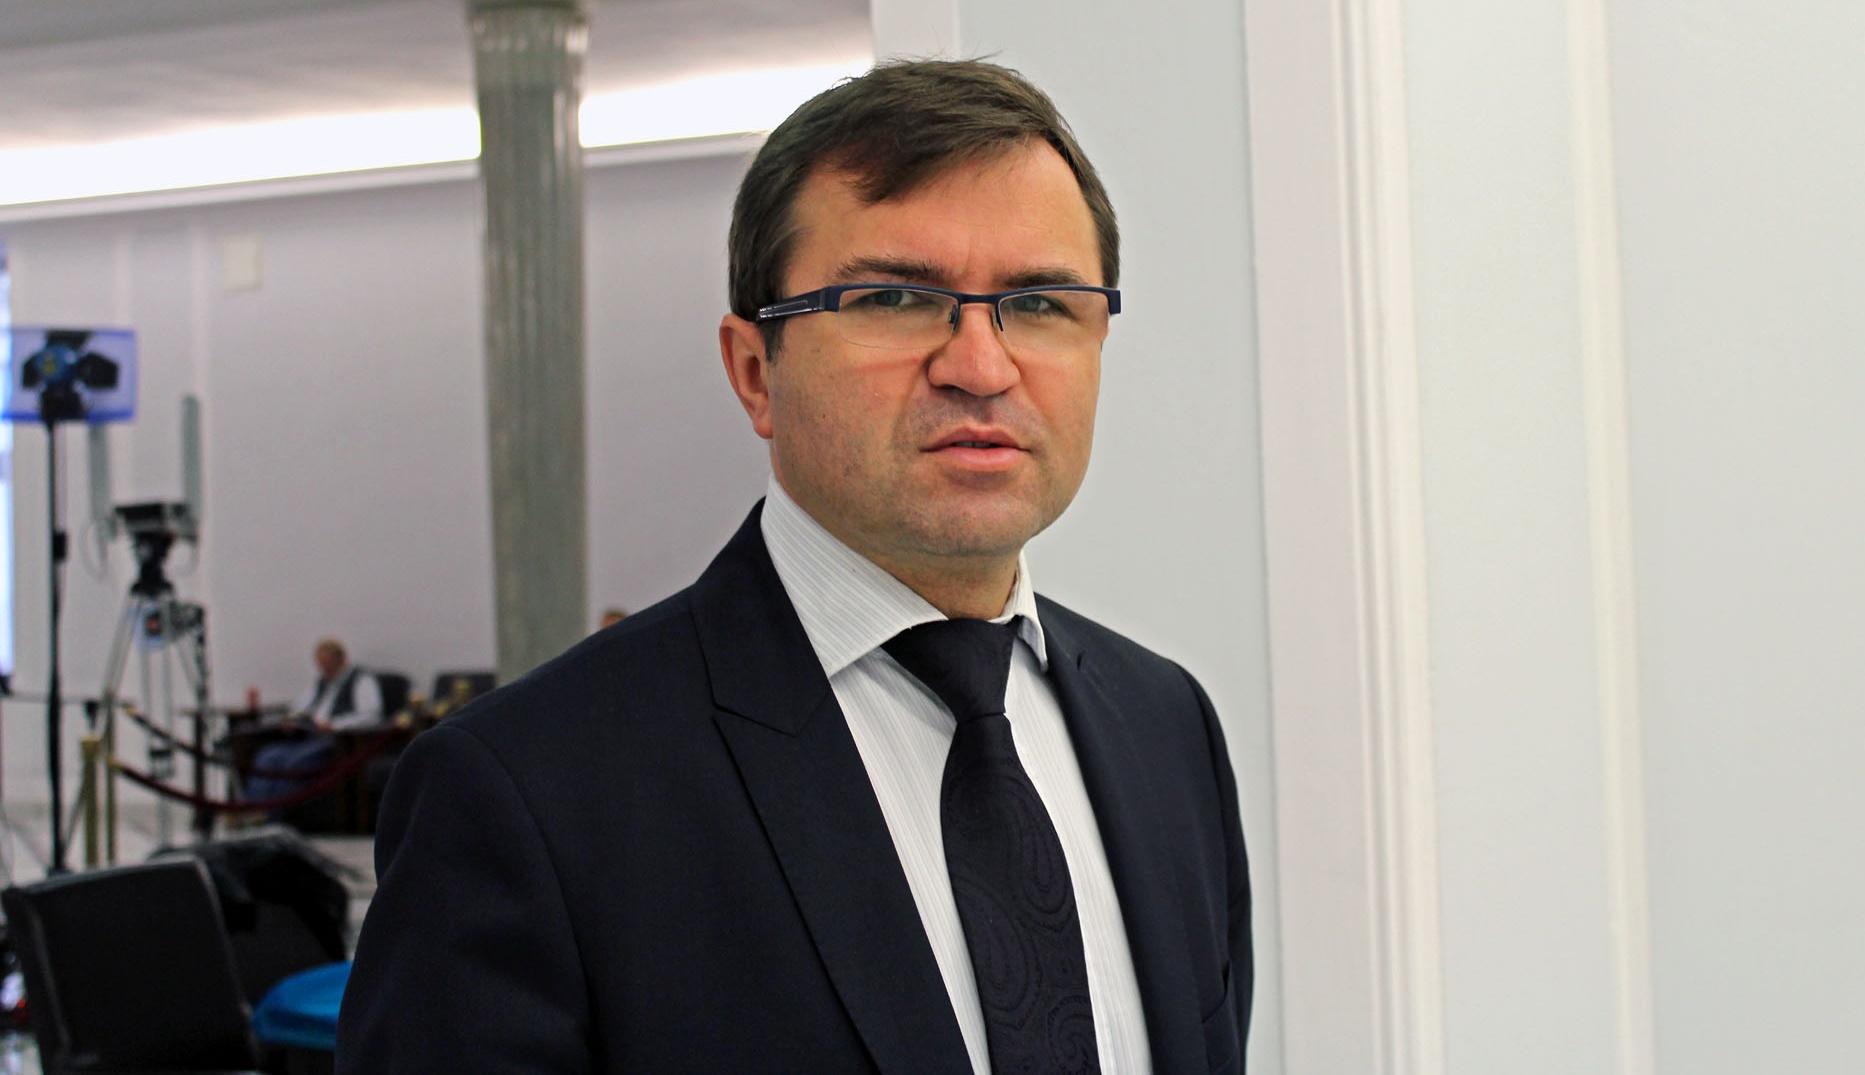 [PILNE] PiS traci większość w Sejmie. Klub opuszcza trzech posłów